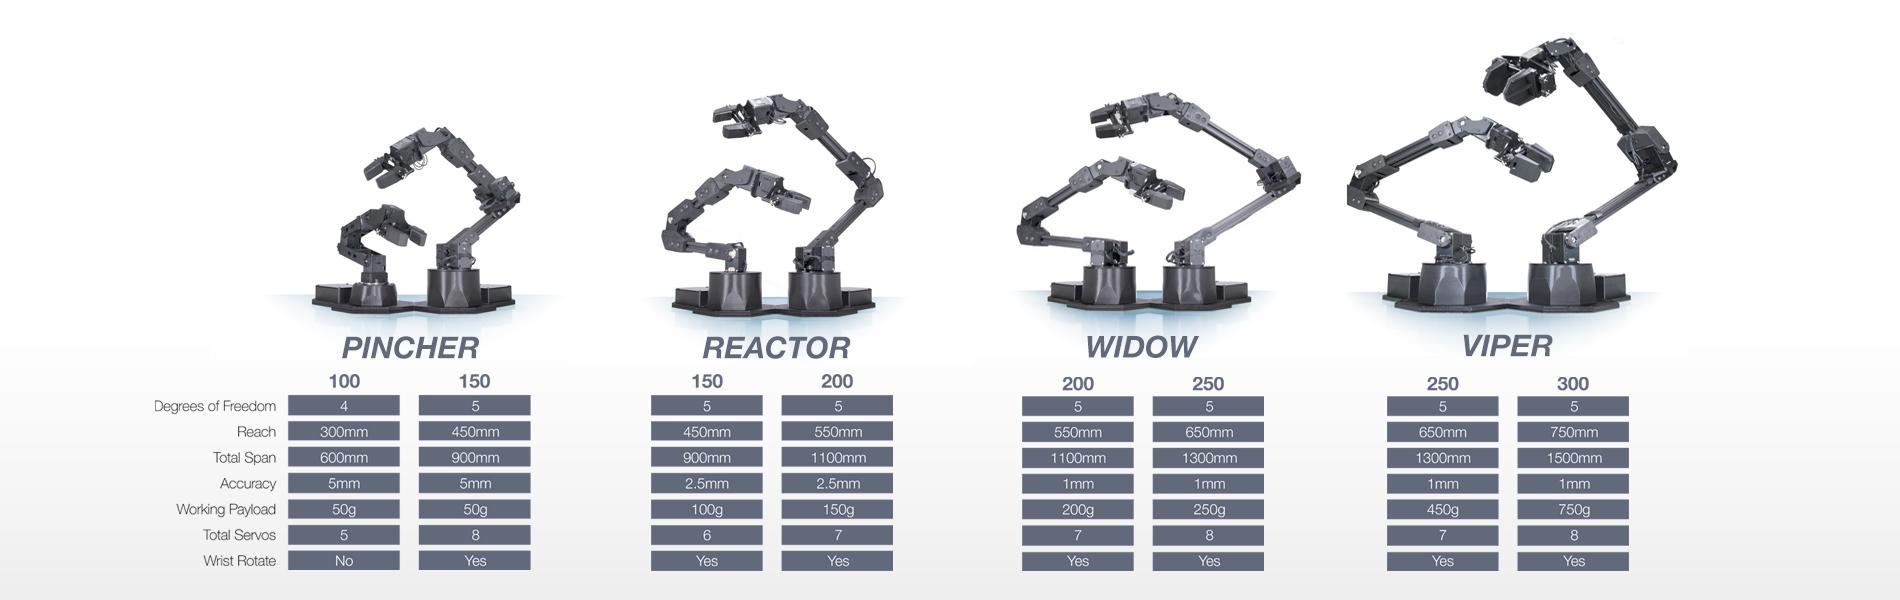 Trossen Interbotix-Roboterarm Vergleichstabelle